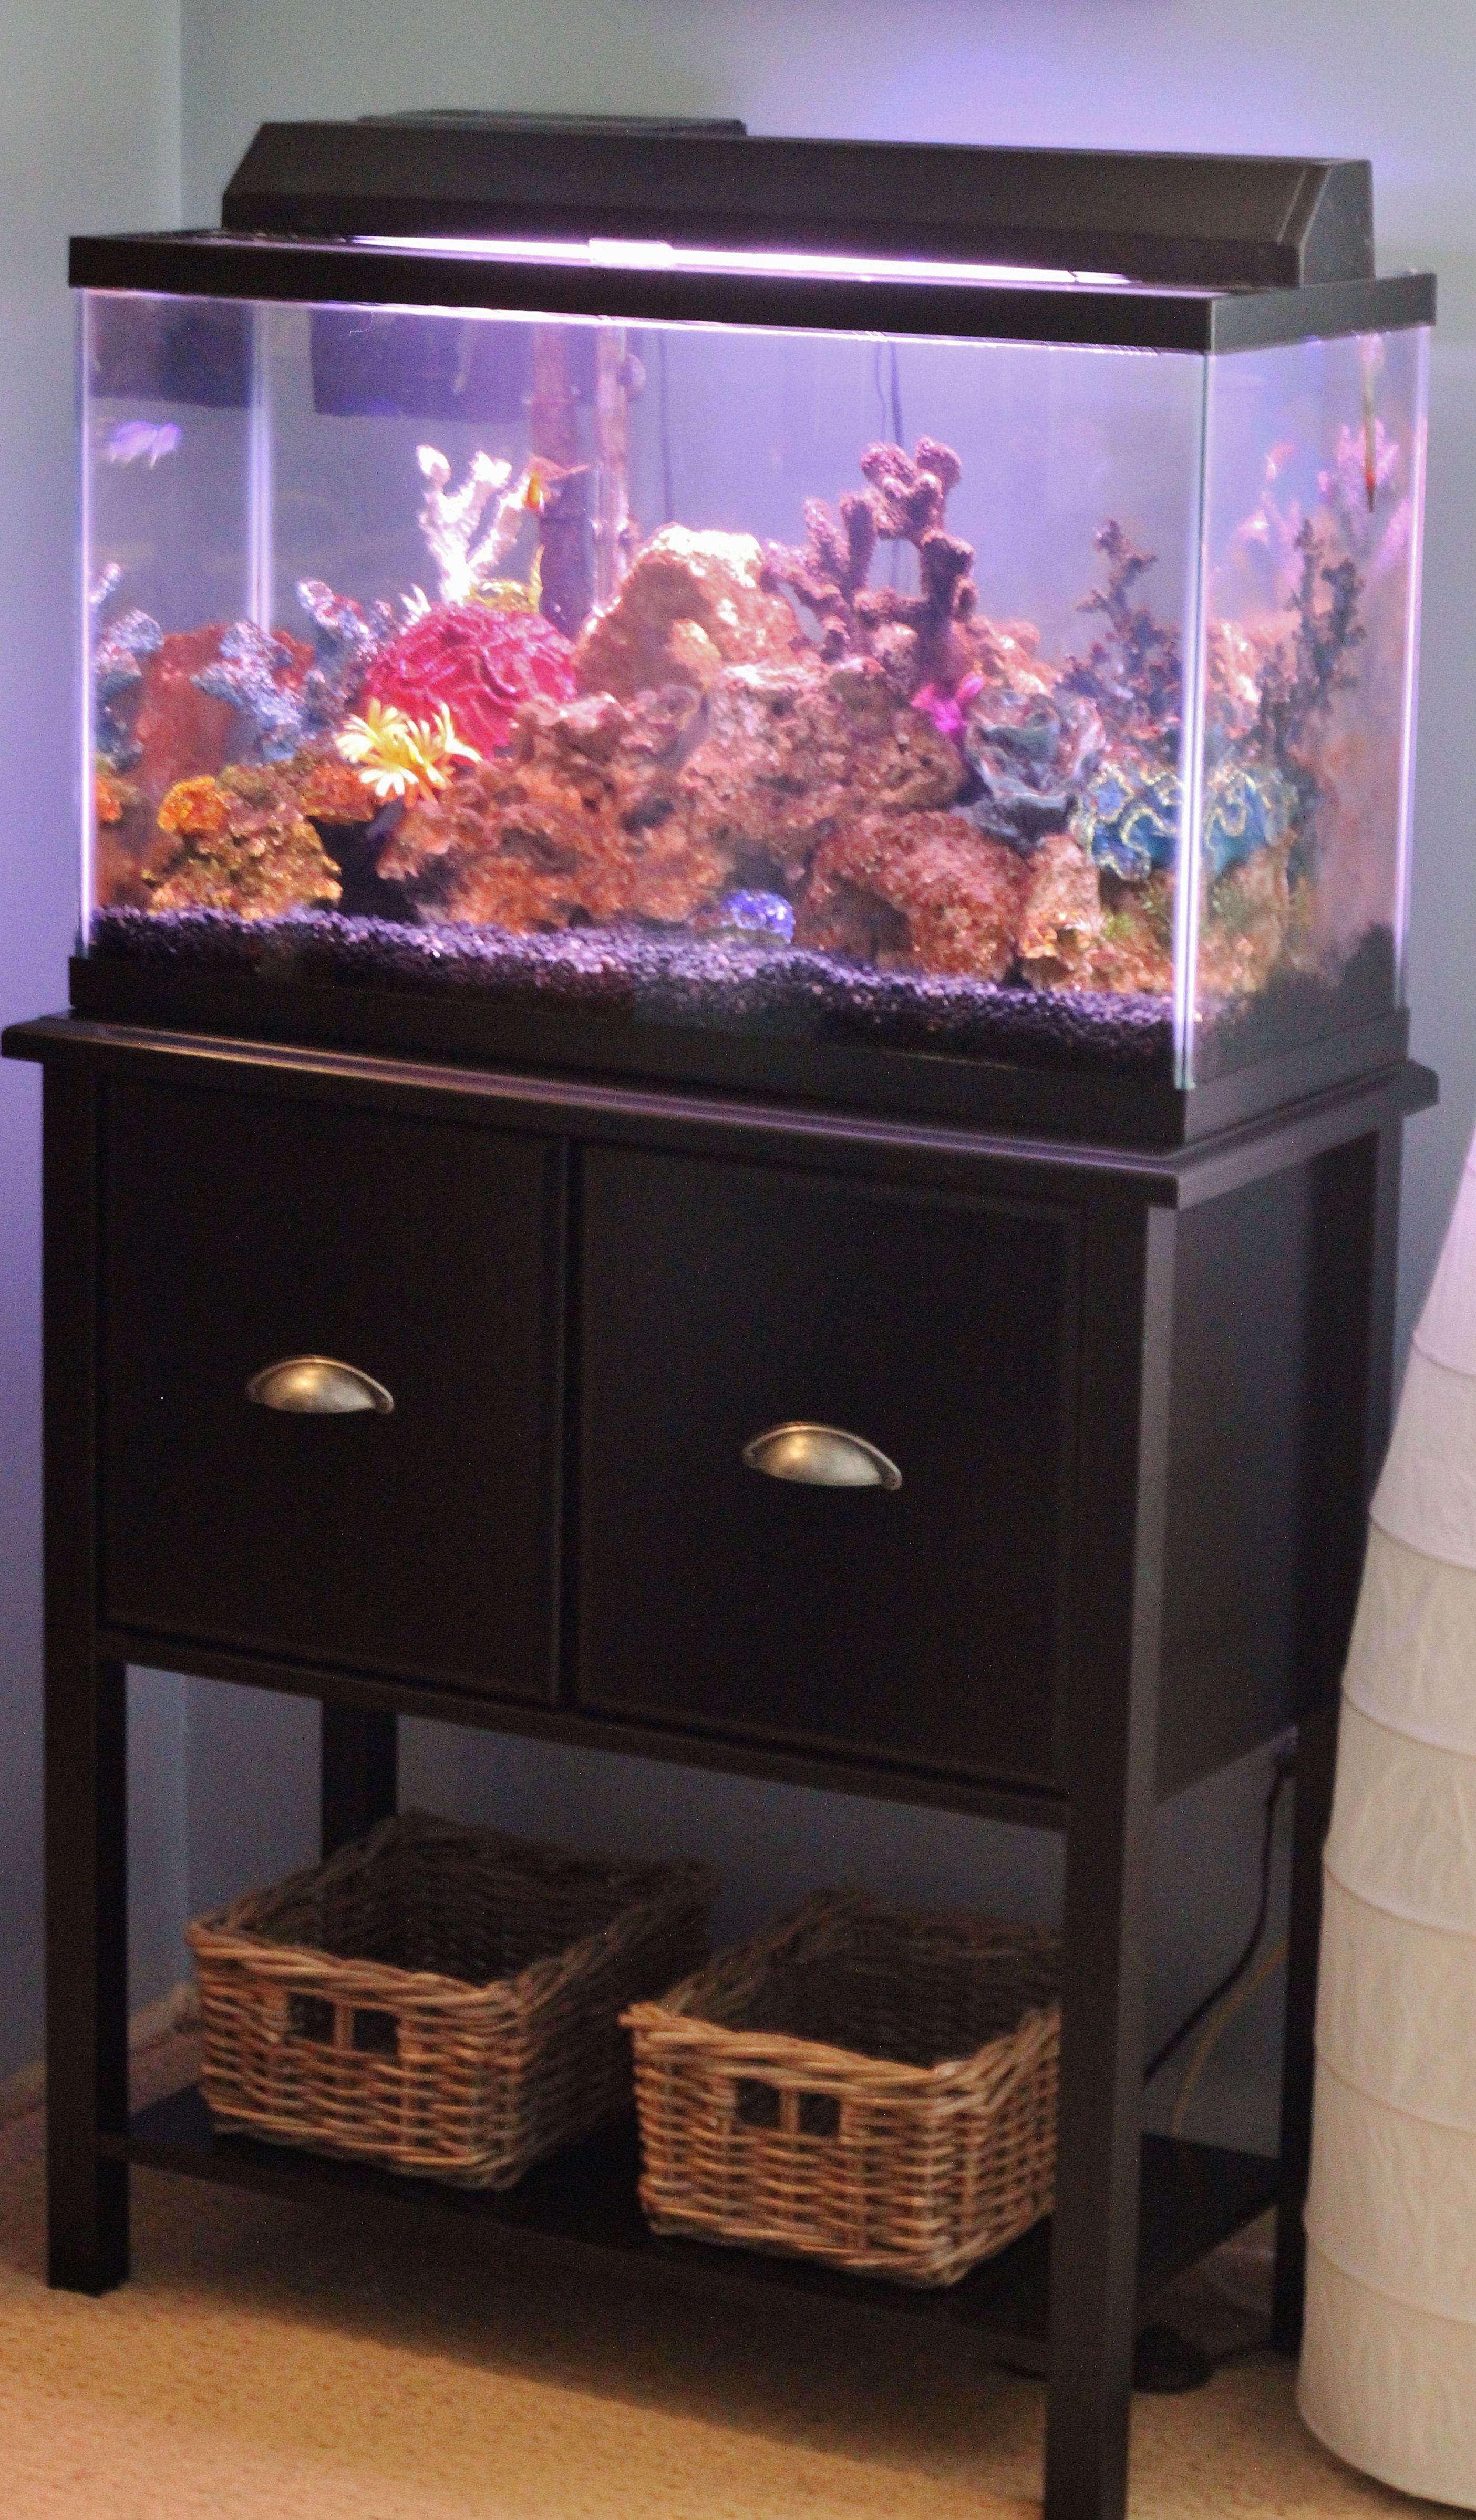 8cb165bcaf1e023780bc9eaf673ecd14 Frais De Aquarium 450 Litres Des Idées